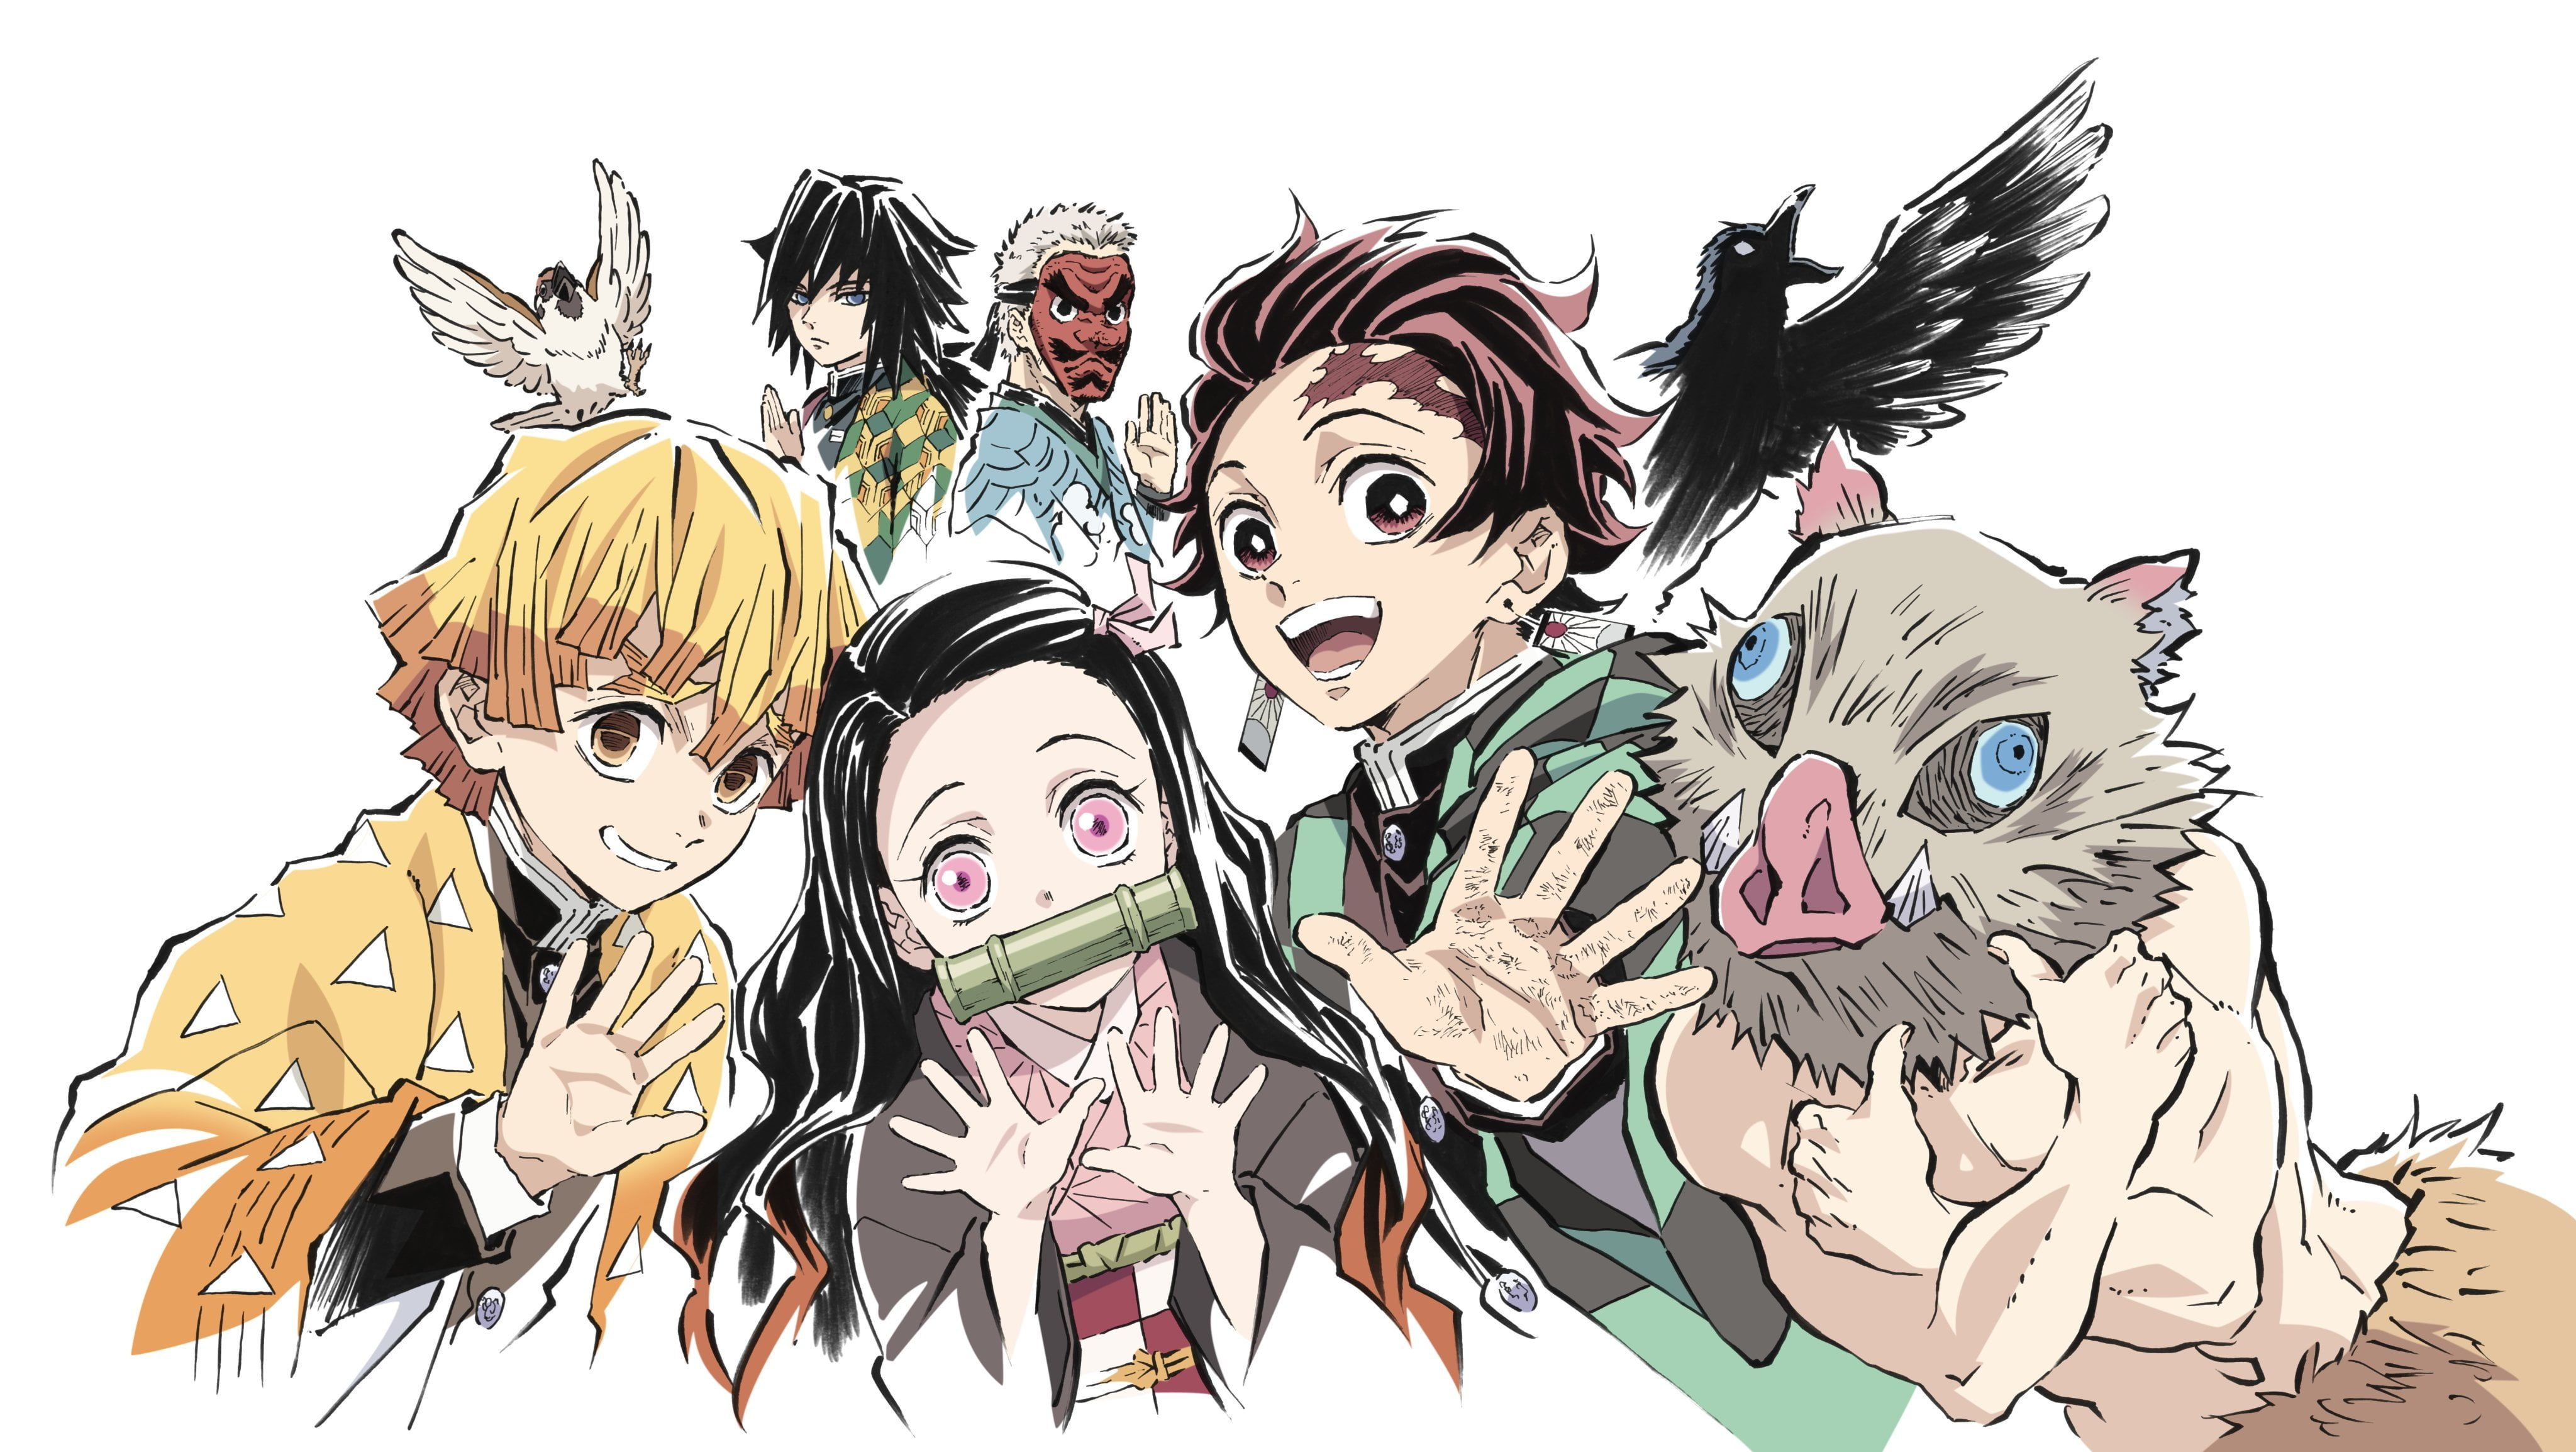 Anime Demon Slayer Kimetsu No Yaiba Giyuu Tomioka Inosuke Hashibira Nezuko Kamado Sakonji Urokodaki Tanjirou Kamado Zenitsu Ag In 2020 Anime Anime Demon Anime Images